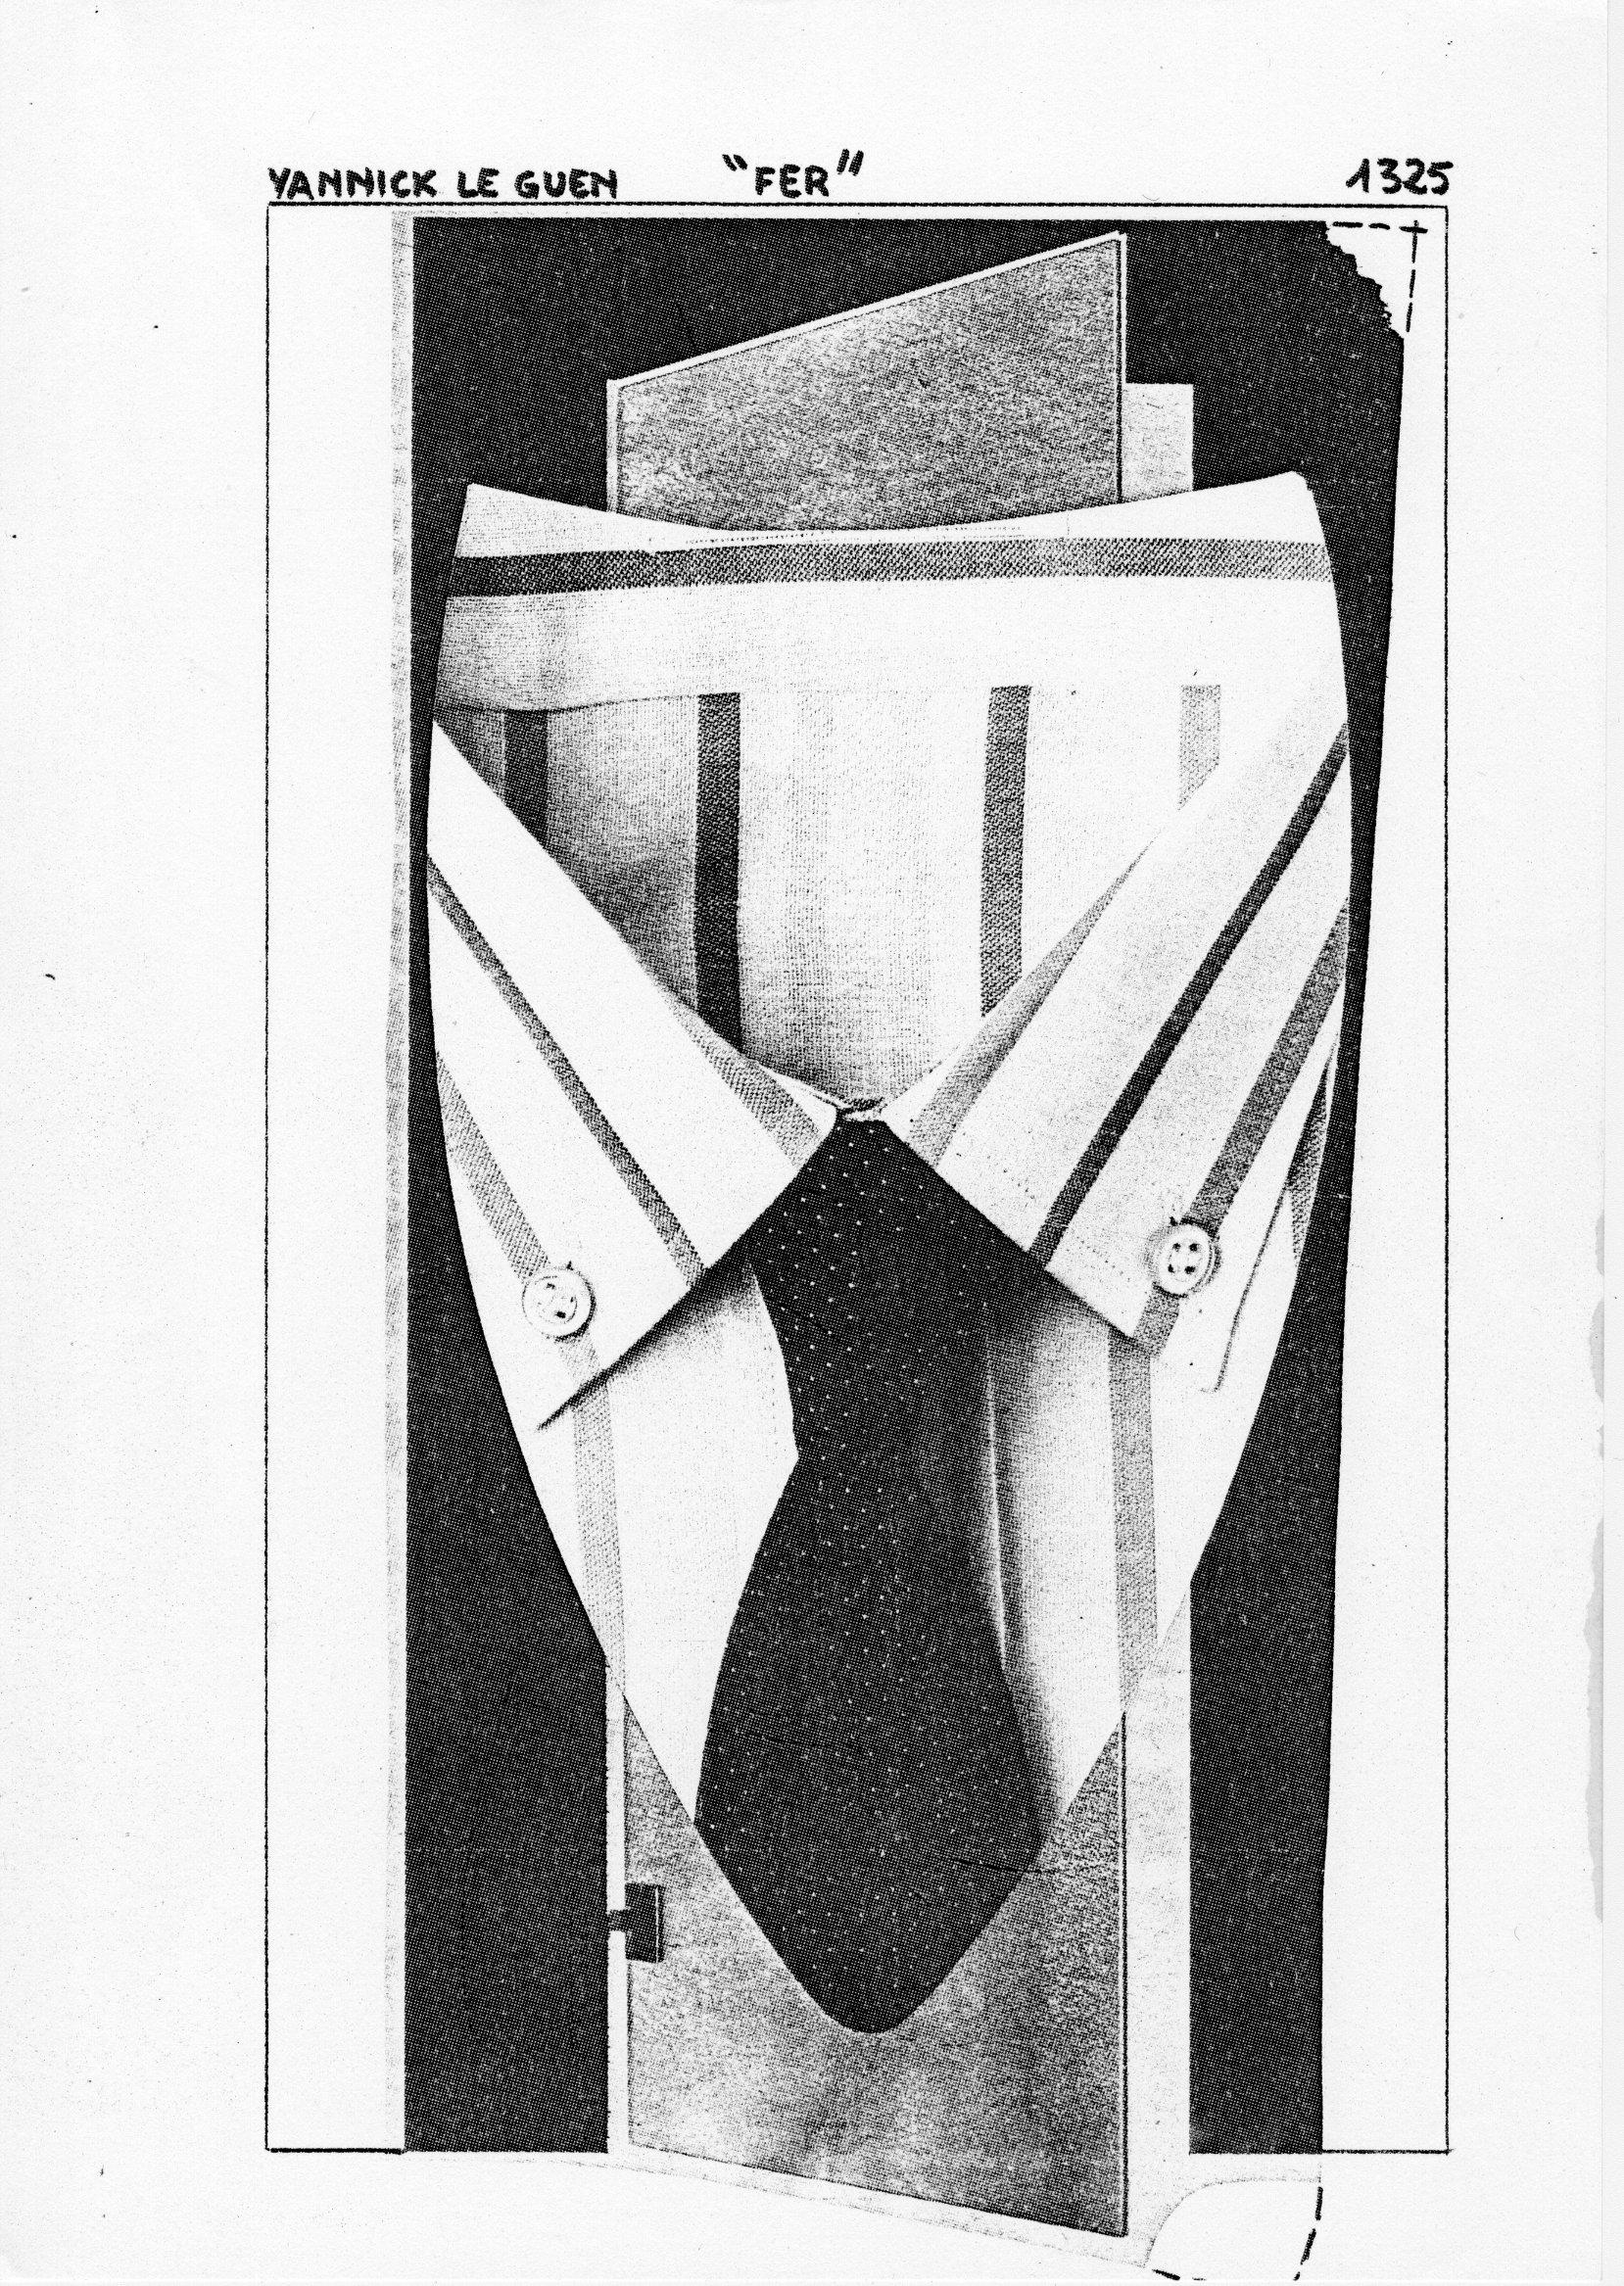 page 1325 Y. Le Guen FER